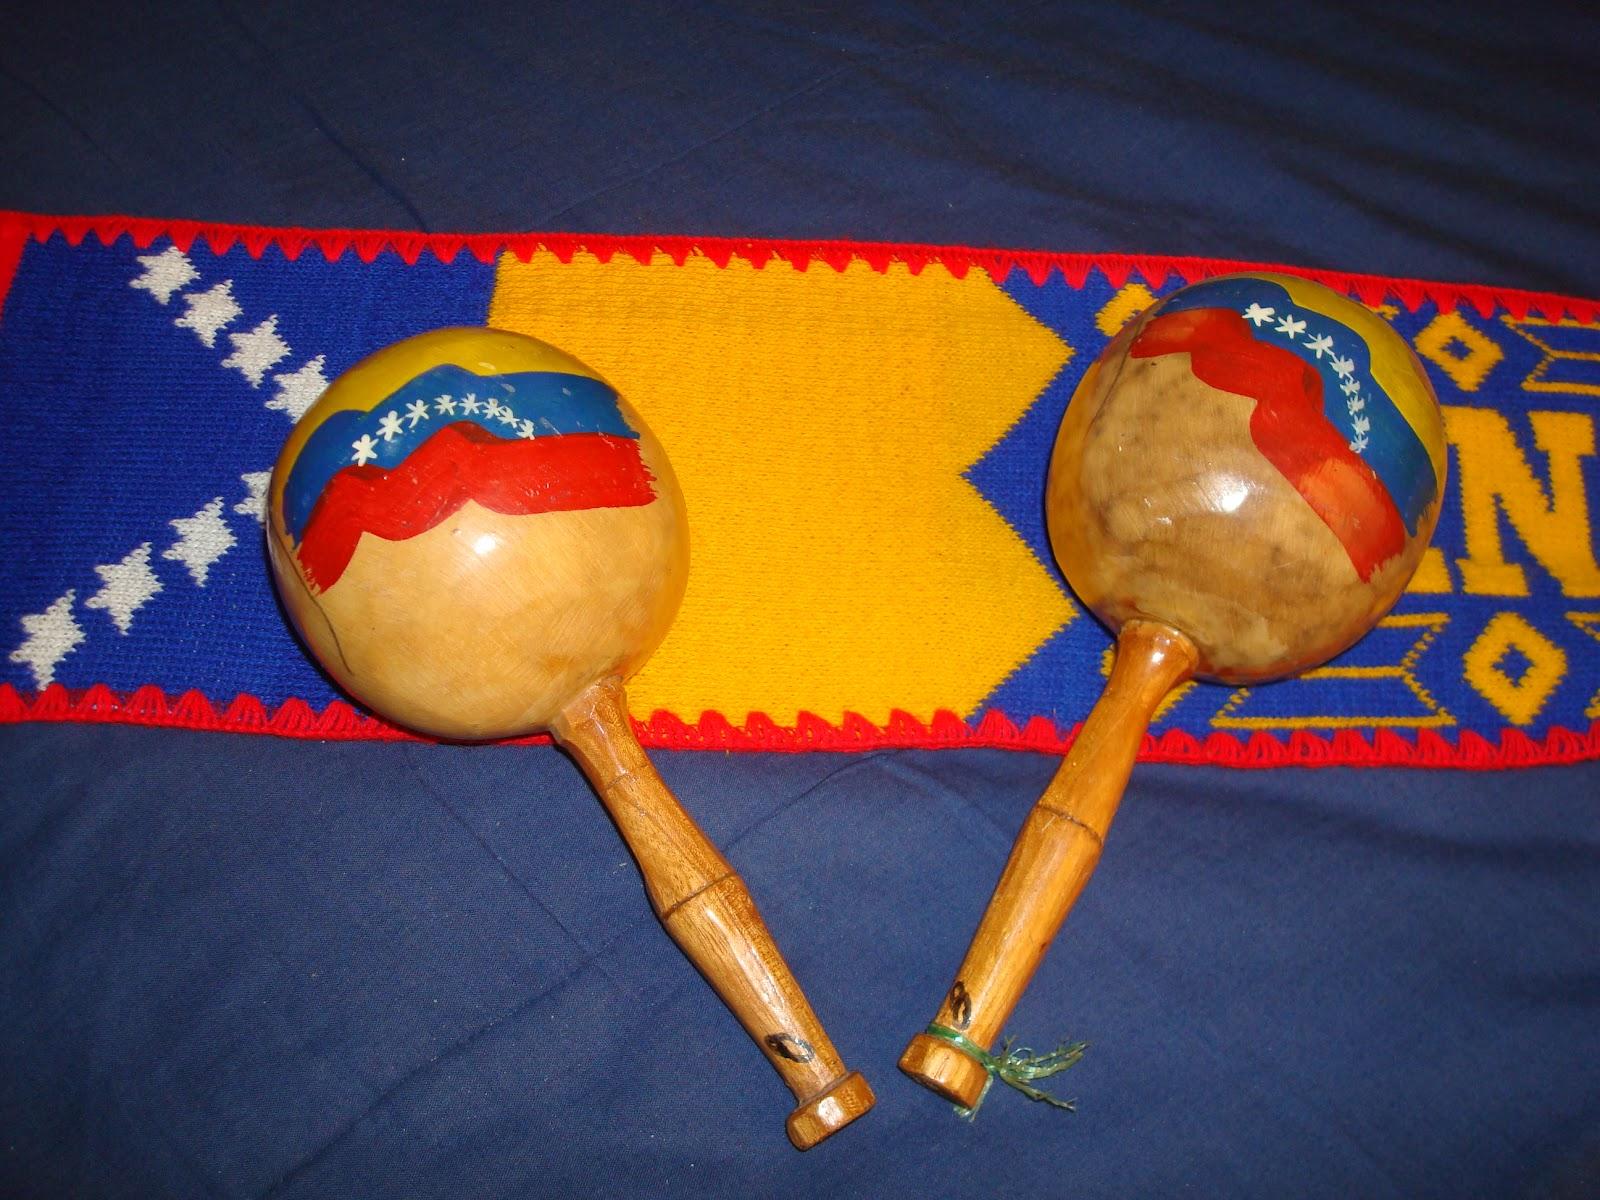 El joropo llanero se entona con los siguientes instrumentos arpa o bandola llanera, cuatro y maracas.